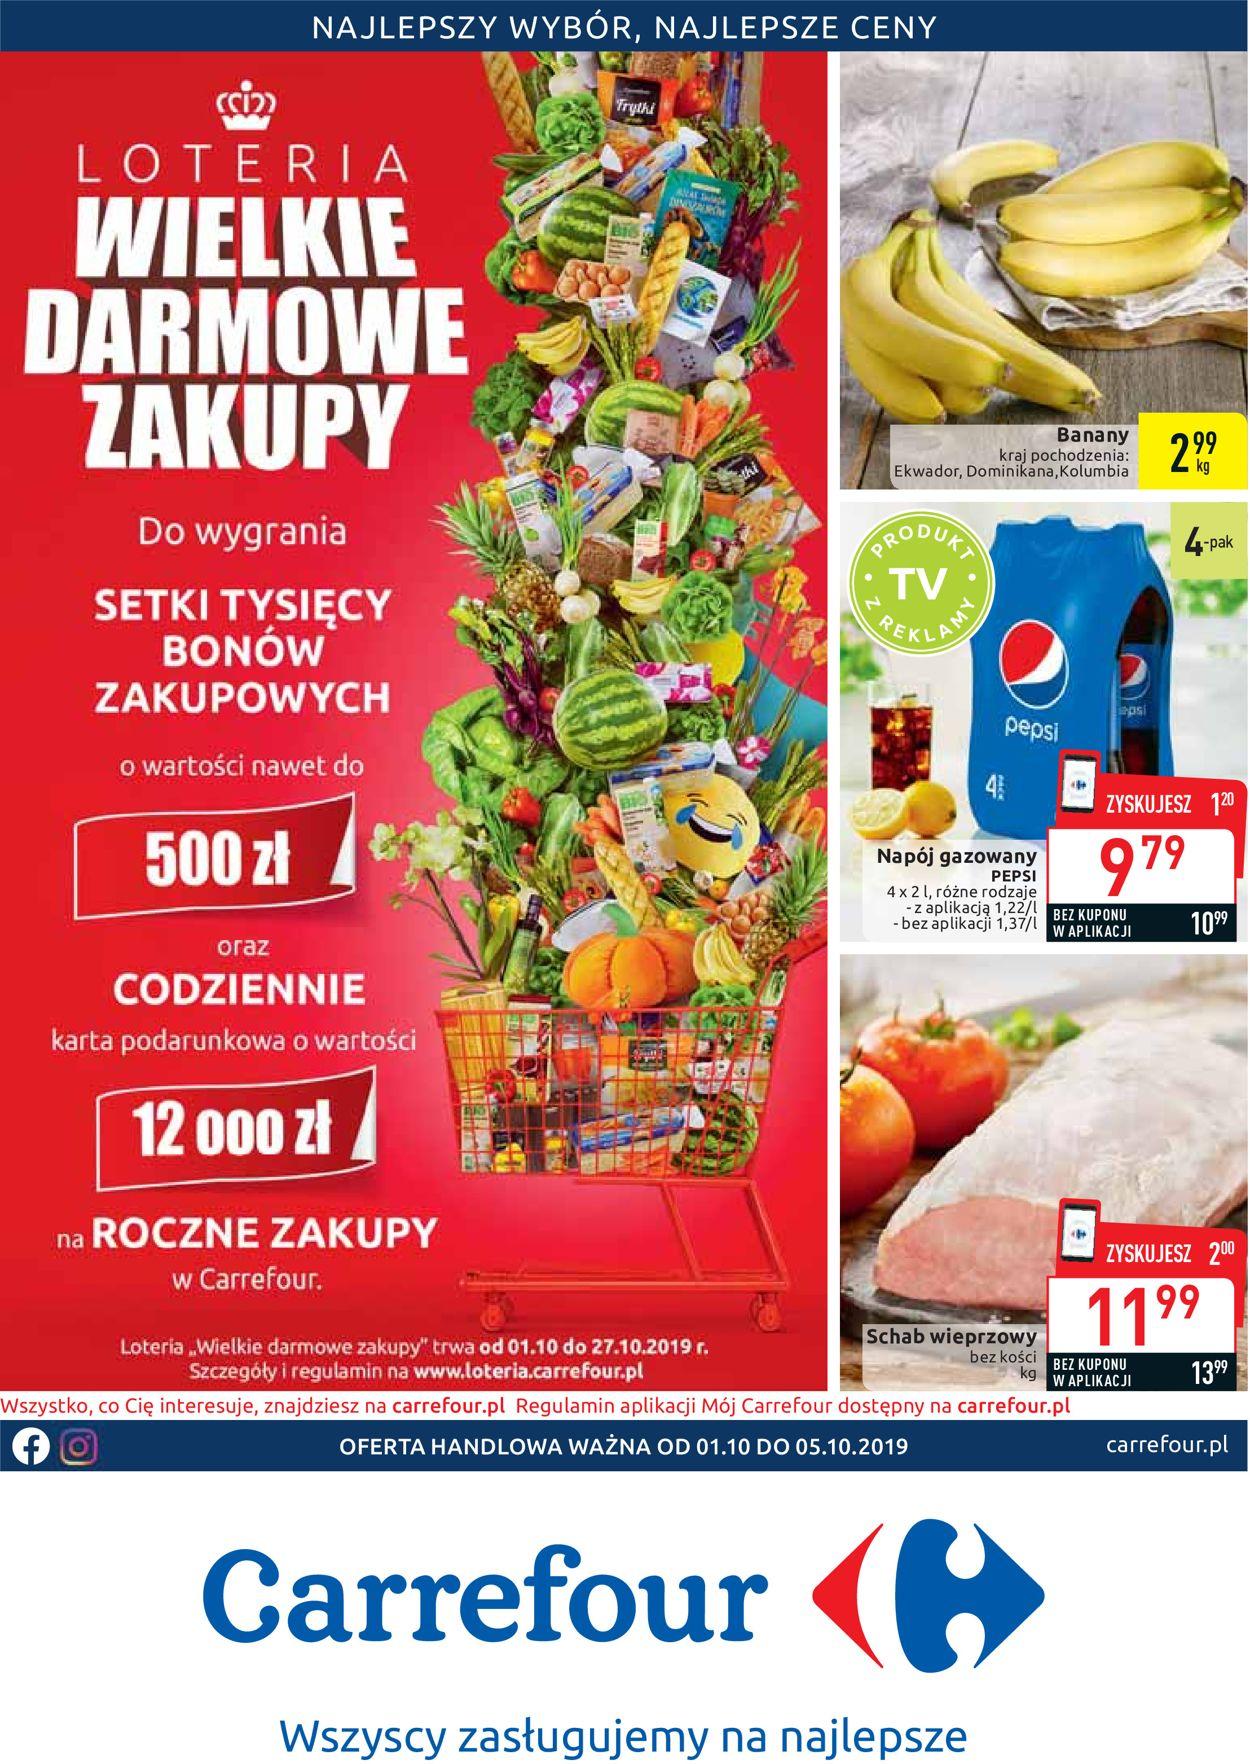 Gazetka promocyjna Carrefour - 01.10-05.10.2019